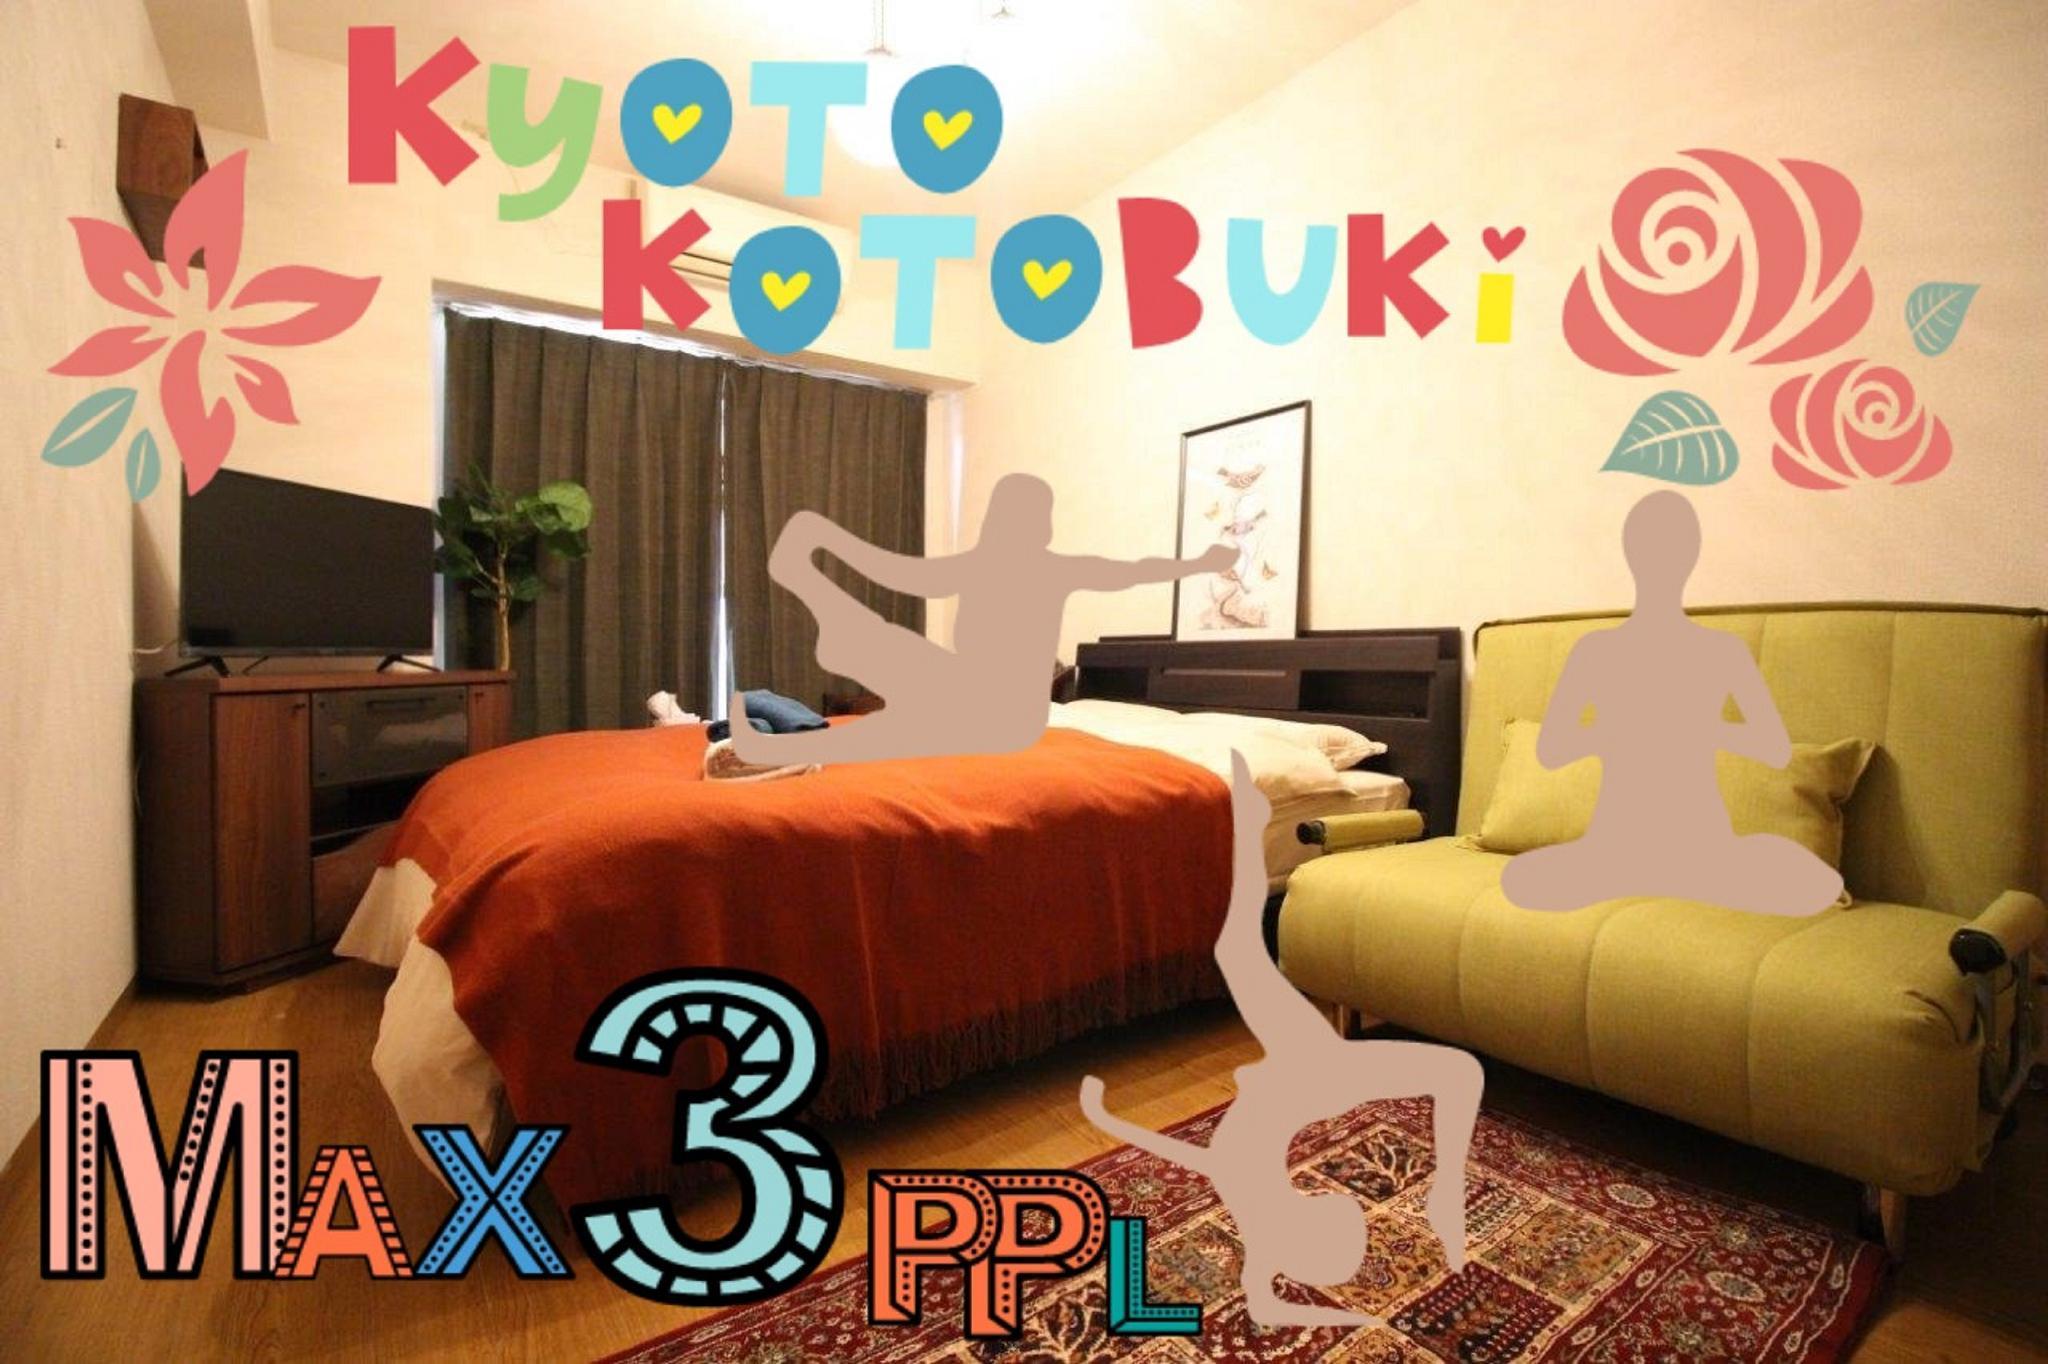 KYOTO KOTOBUKI 205